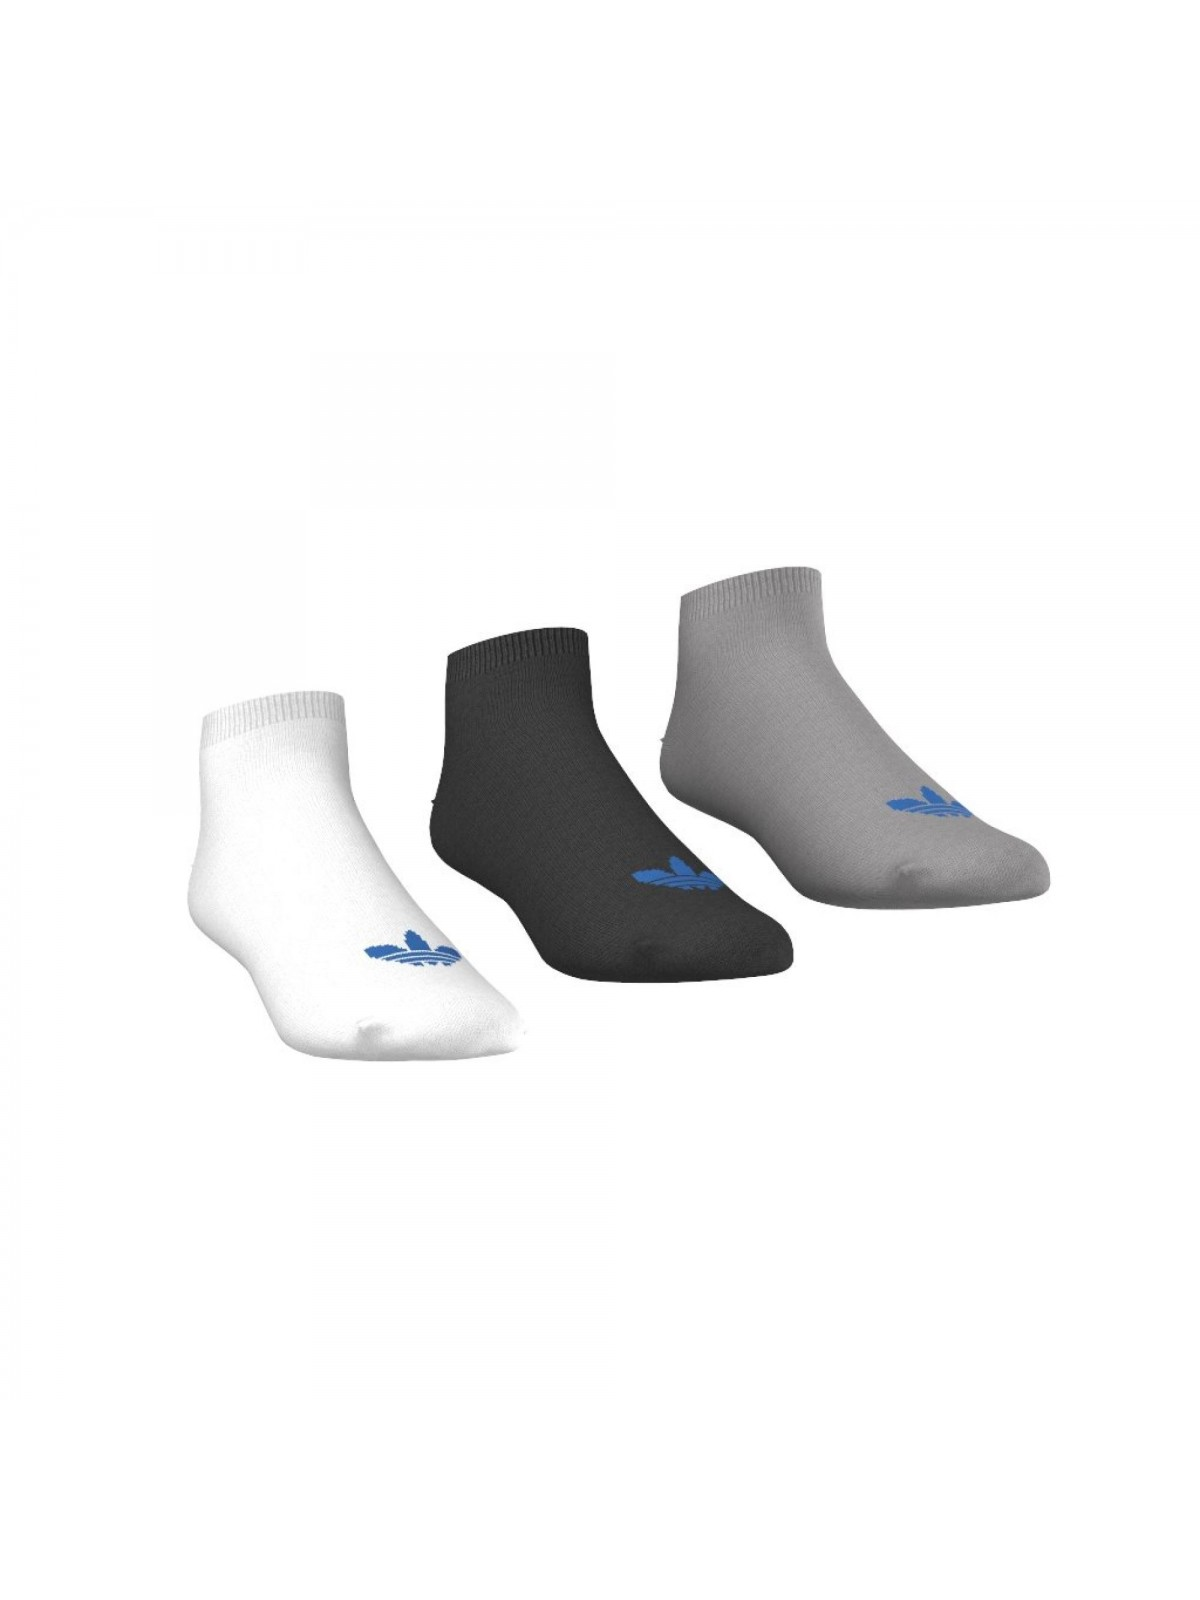 ADIDAS chaussettes courtes AB3889 blanc / gris / noir